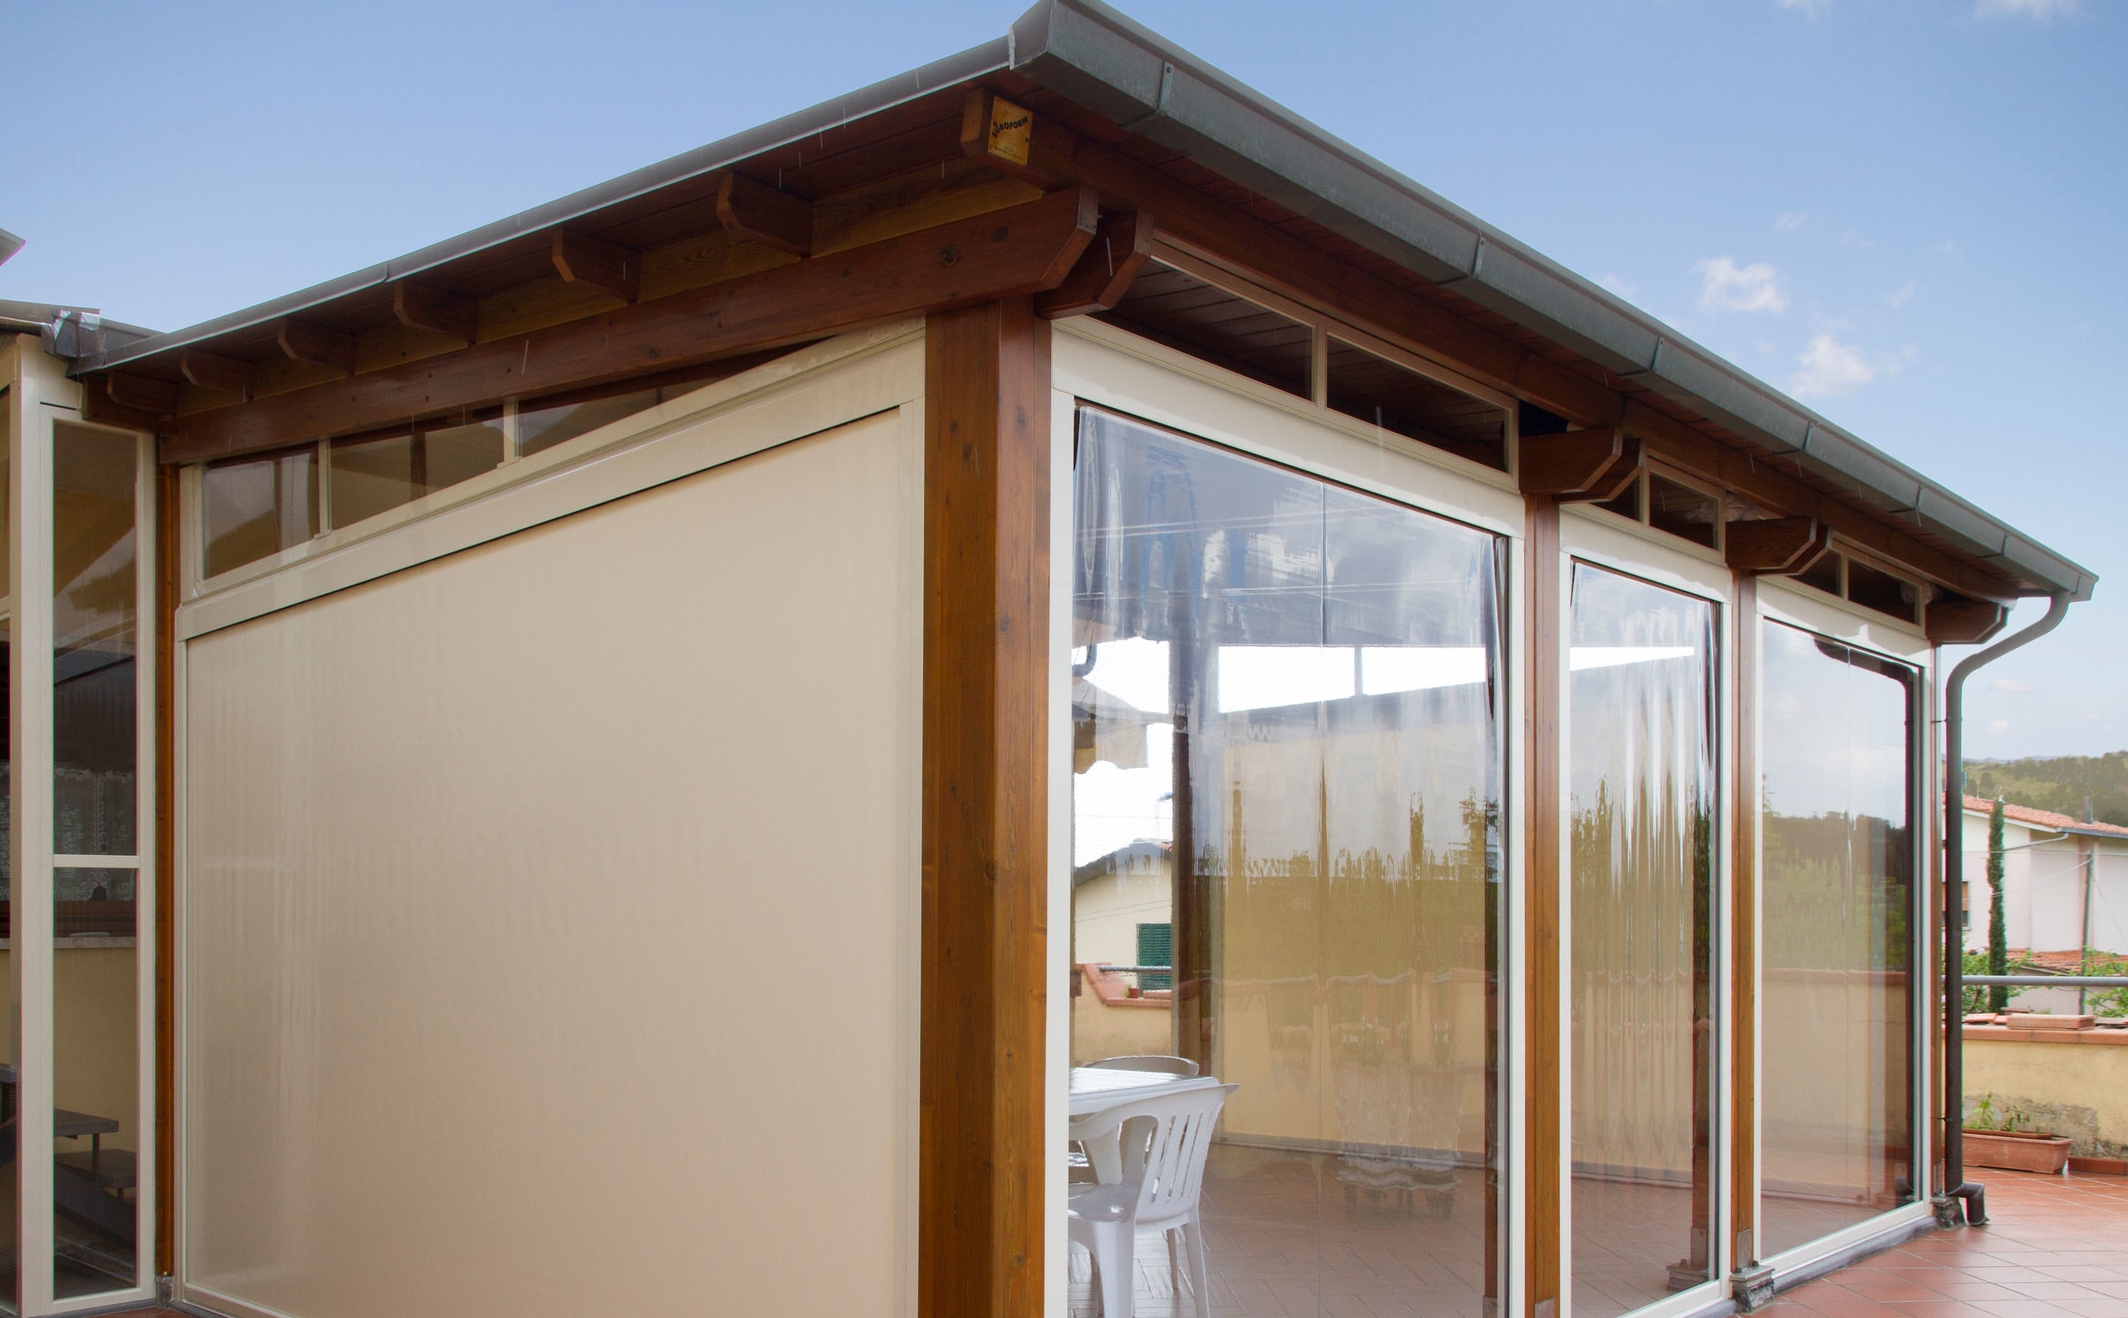 Le tende da sole per esterni con struttura a bracci, sono perfette proprio per avere una buona copertura per proteggerci dall'umidità. Tende Da Sole Chiusure Zip In Pvc Fabbi